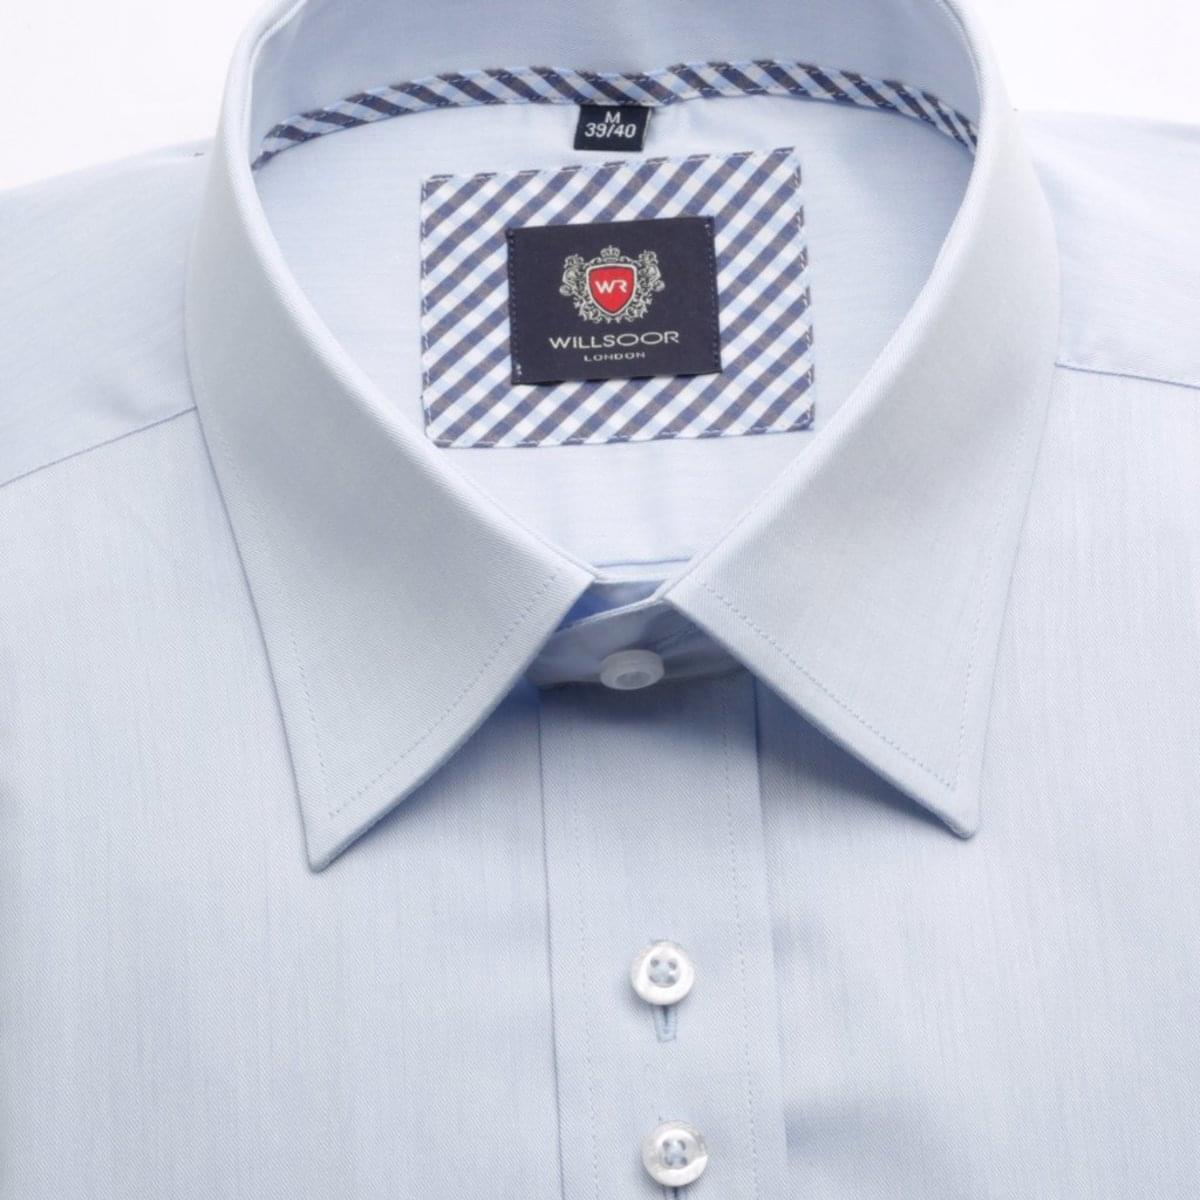 Košile WR London (výška 176-182)4185 176-182 / XL (43/44)